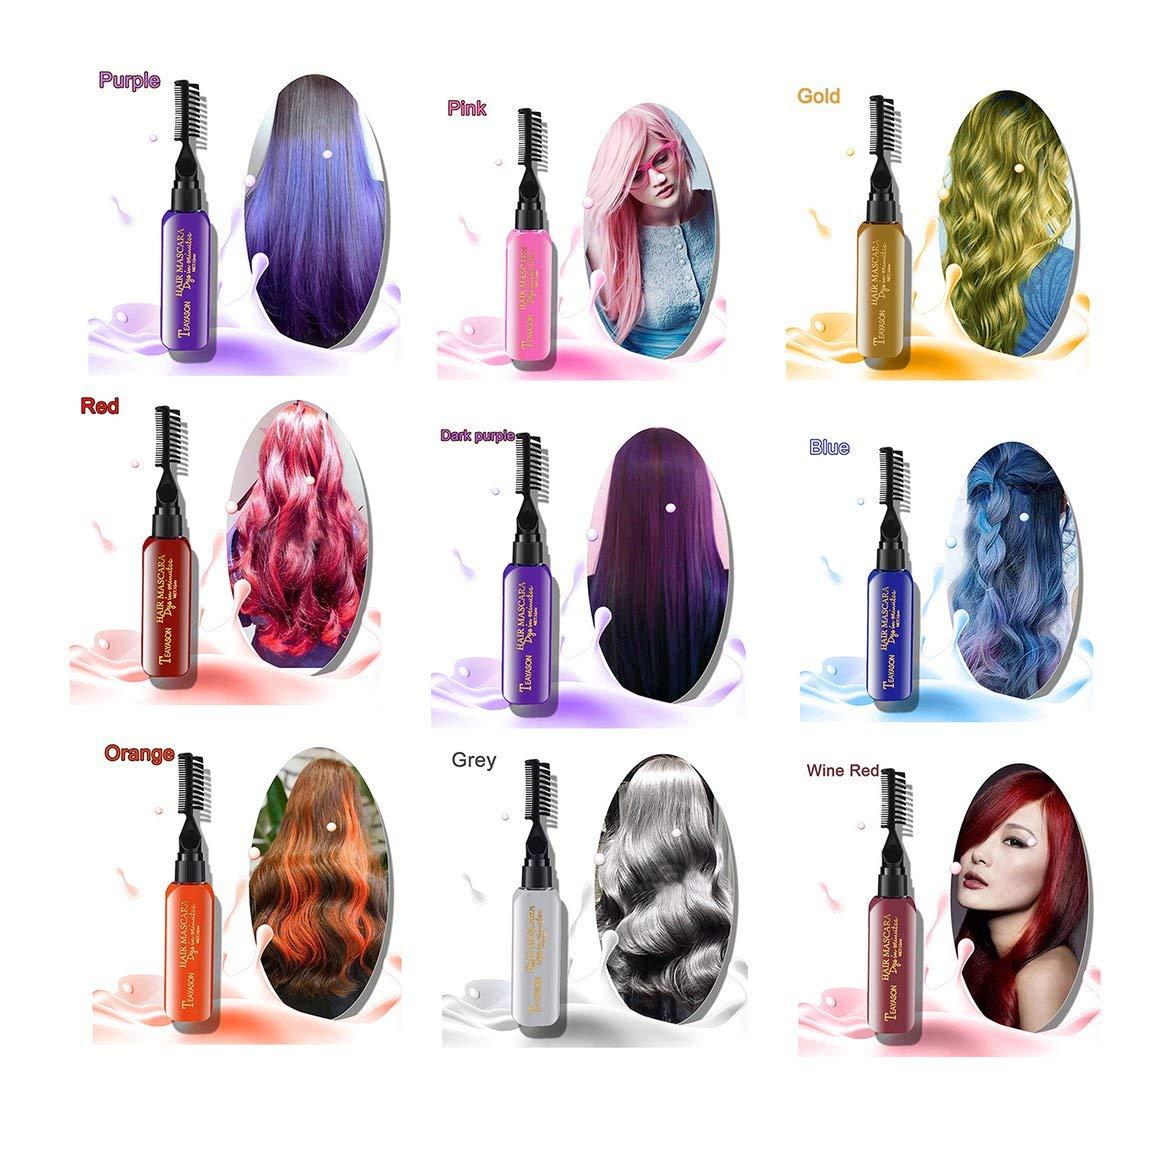 Nuovo colore di capelli fai da te di marca non dolore capelli facile da  pulire non tossico crema di capelli temporaneo mascara 13 colori - vino  rosso  ... 831240e6d98d